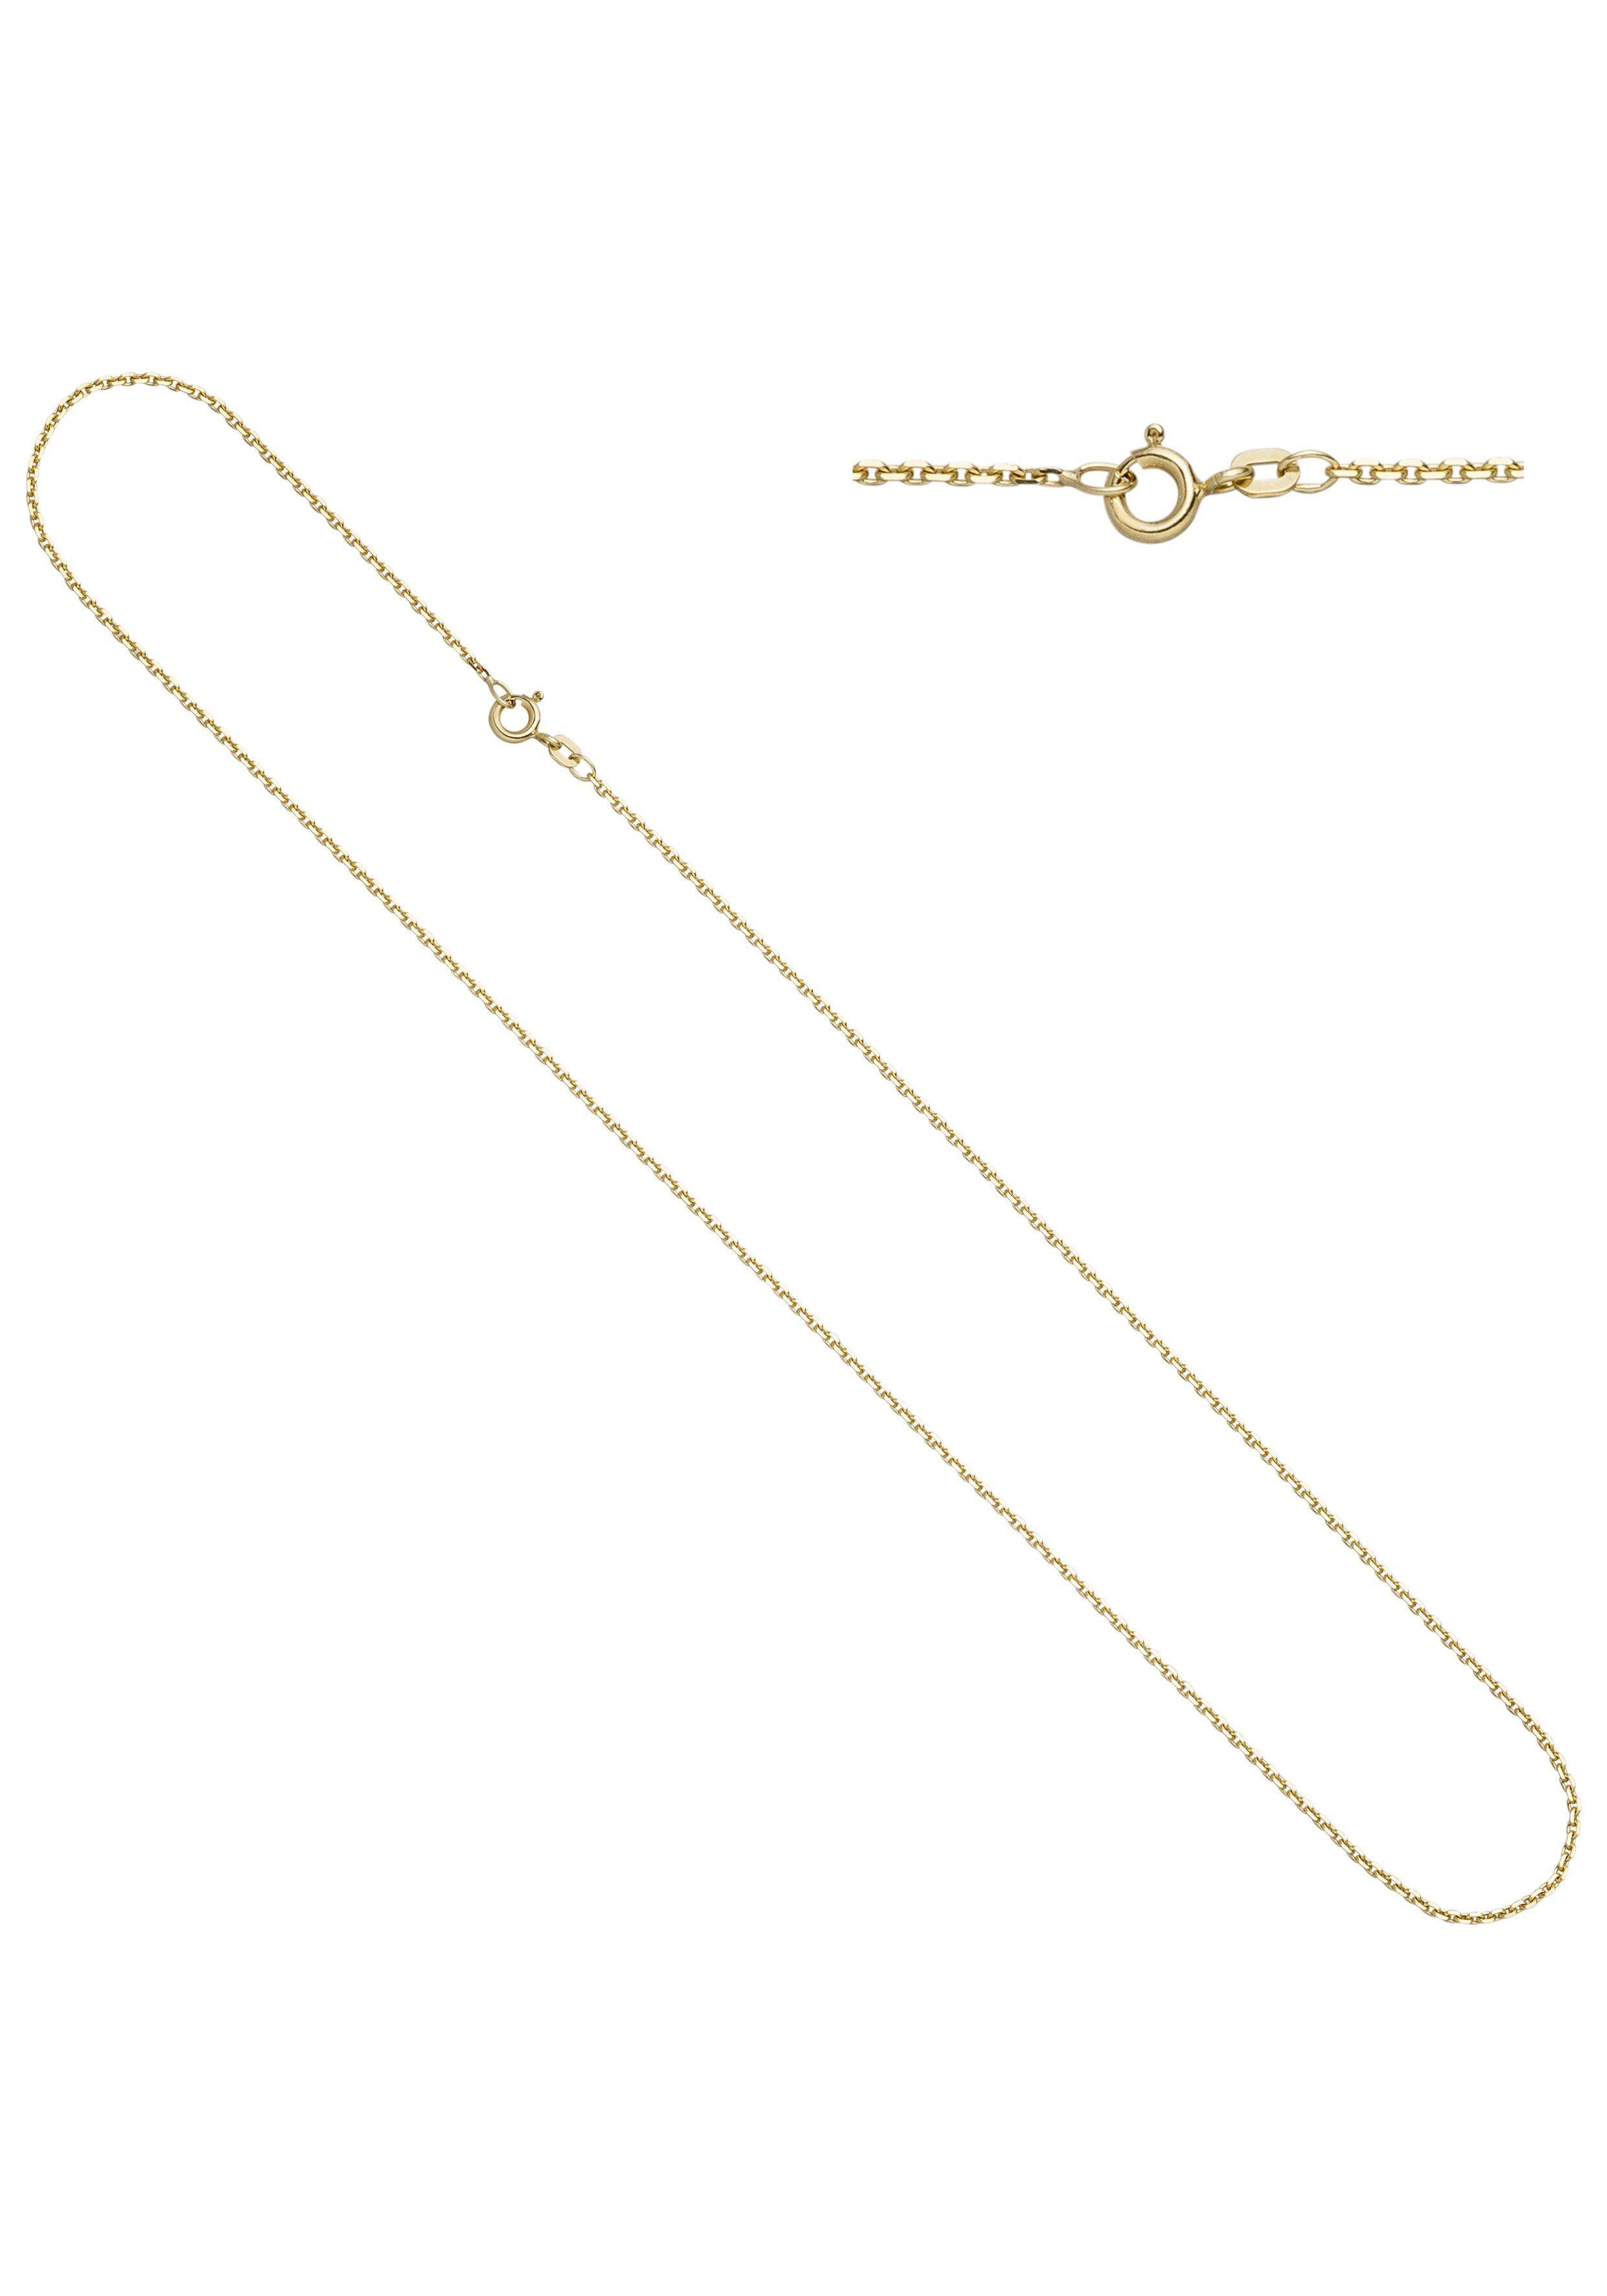 JOBO Goldkette Ankerkette 585 Gold 38 cm 1,2 mm